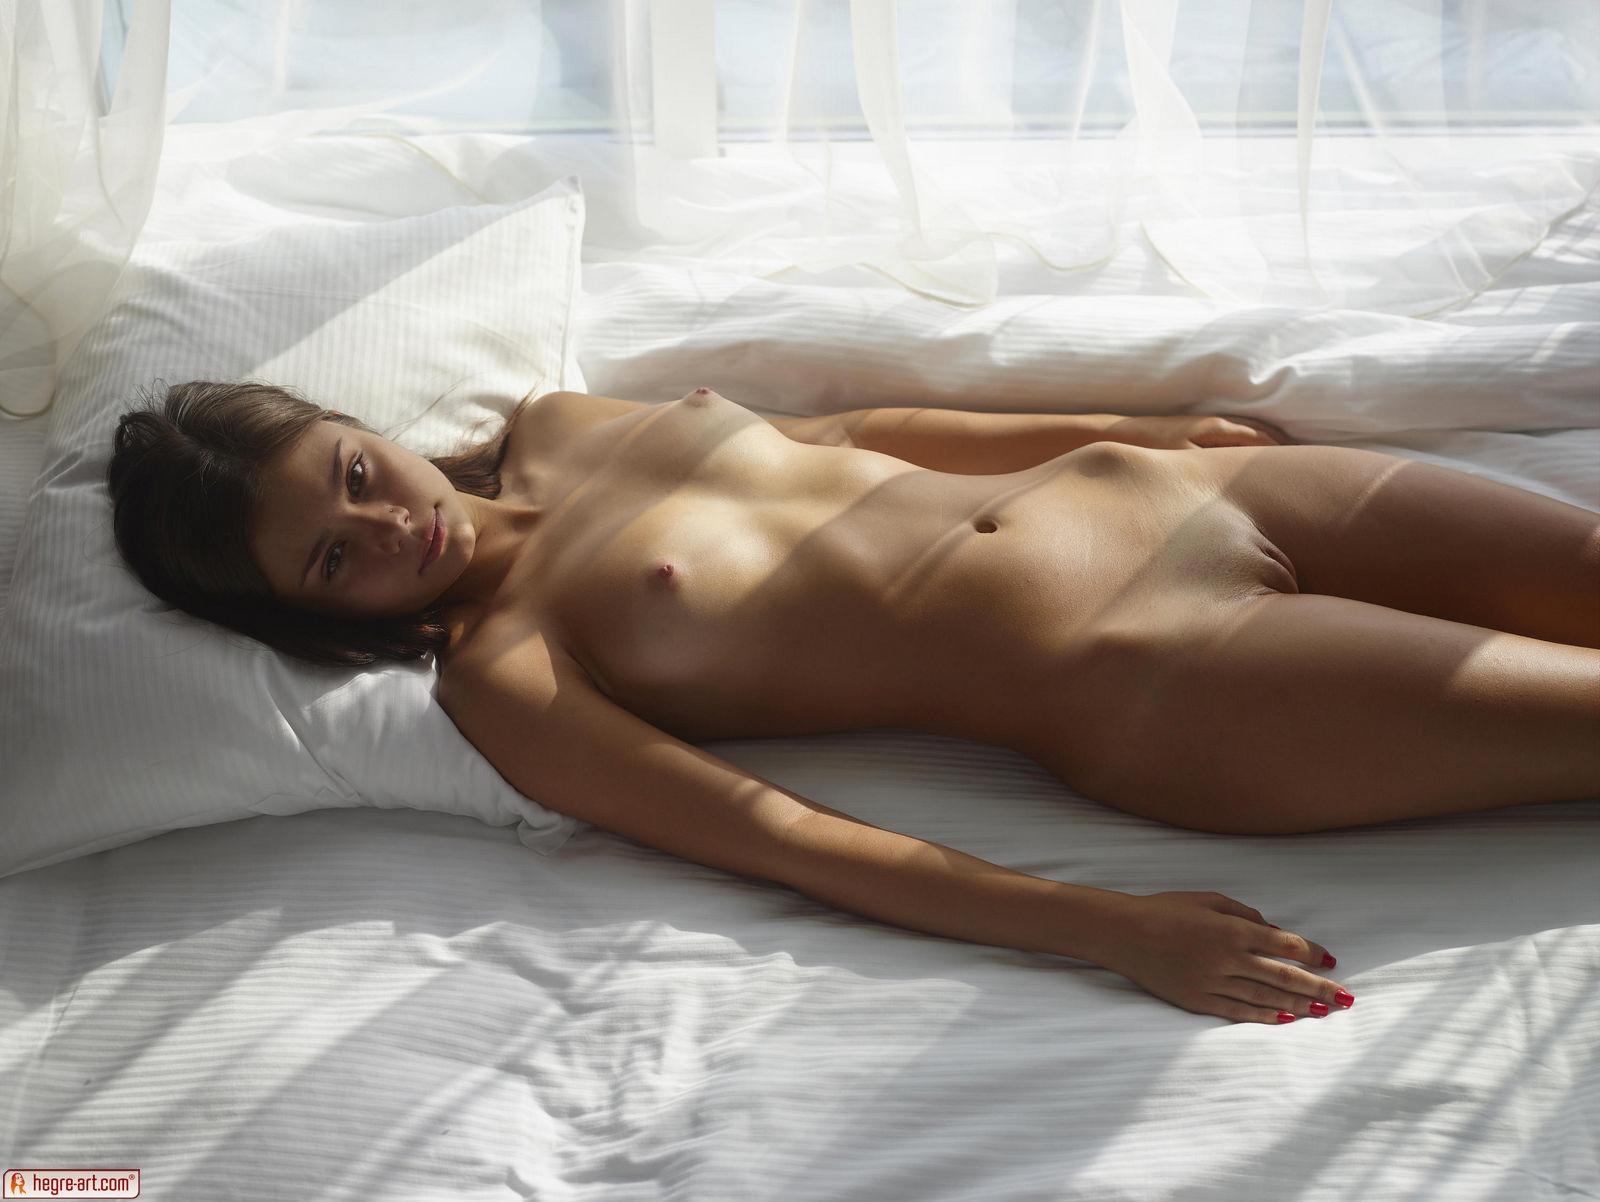 venus-sunny-day-naked-hegreart-01